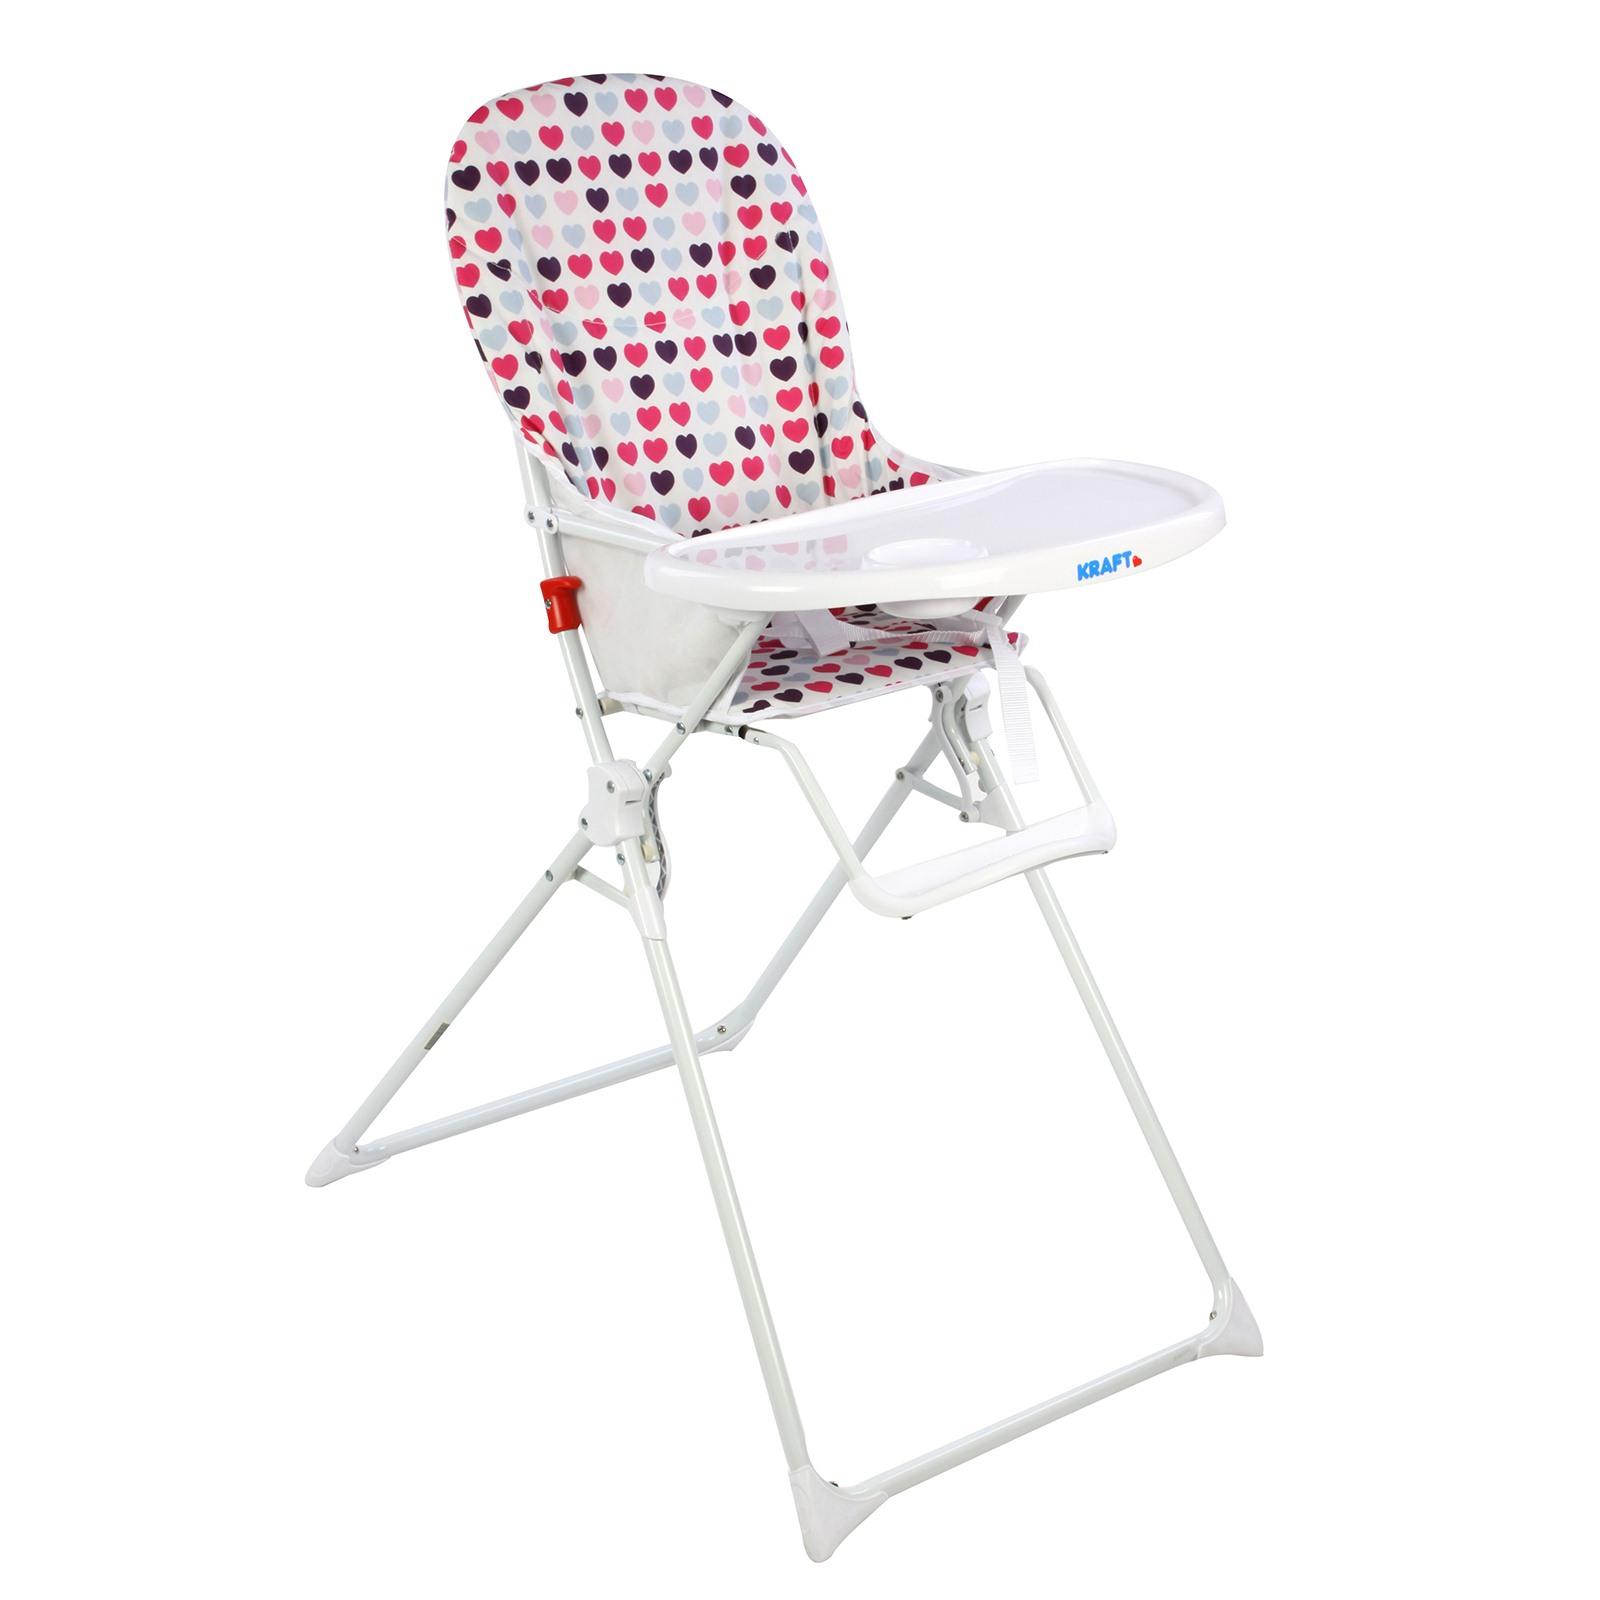 Mama sandalyesi seçerken nelere dikkat edilmeli